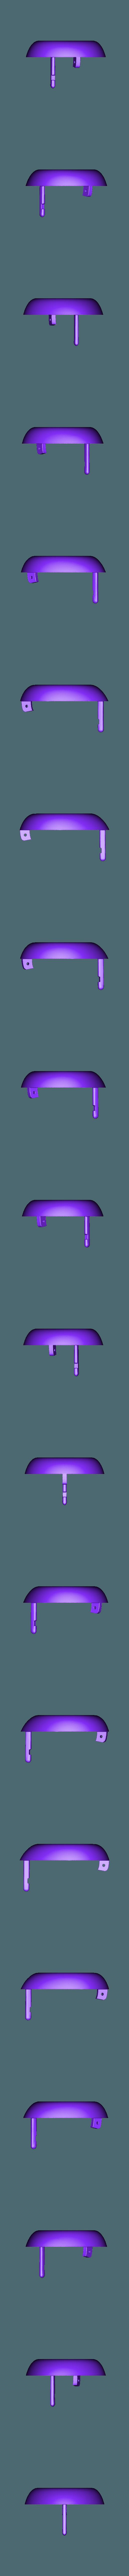 7.OBJ Télécharger fichier OBJ gratuit Boucles d'oreilles oeuf • Design imprimable en 3D, Alien_Loo